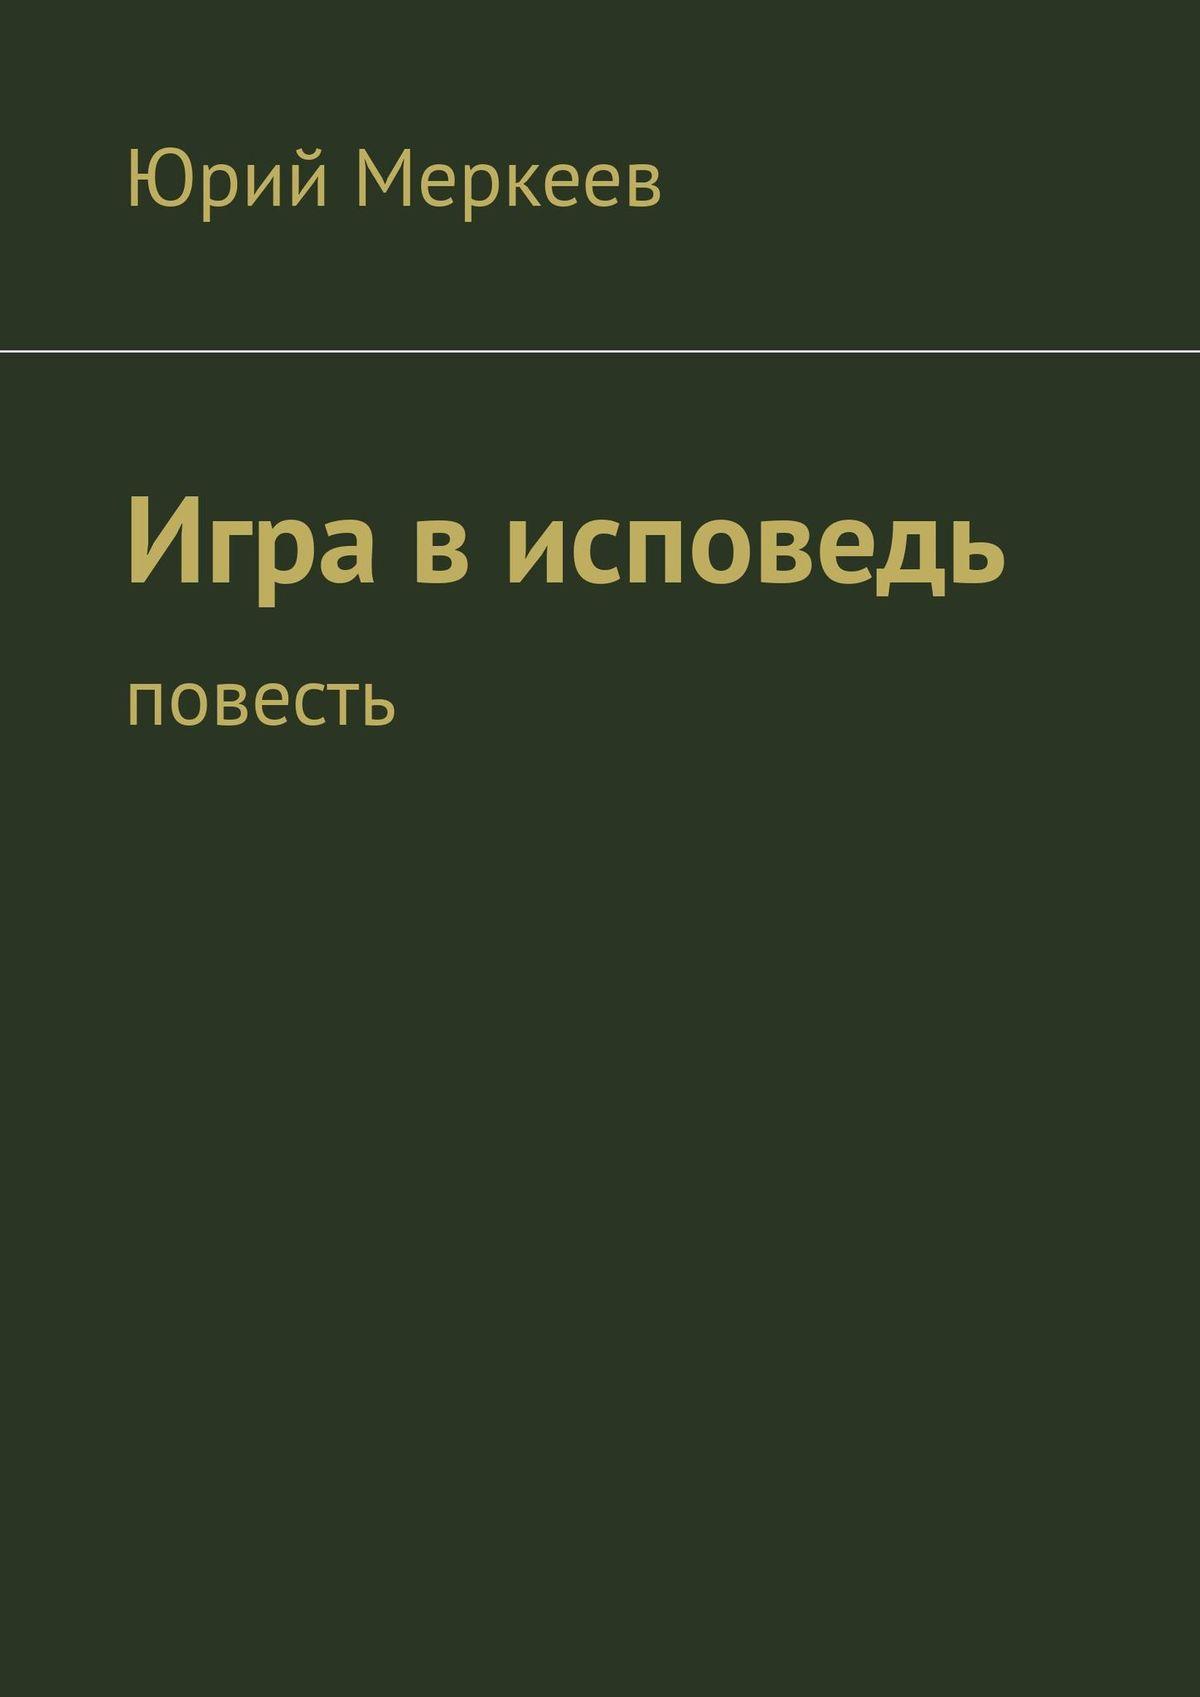 Фото - Юрий Меркеев Игра в исповедь юрий меркеев монастырь икошка